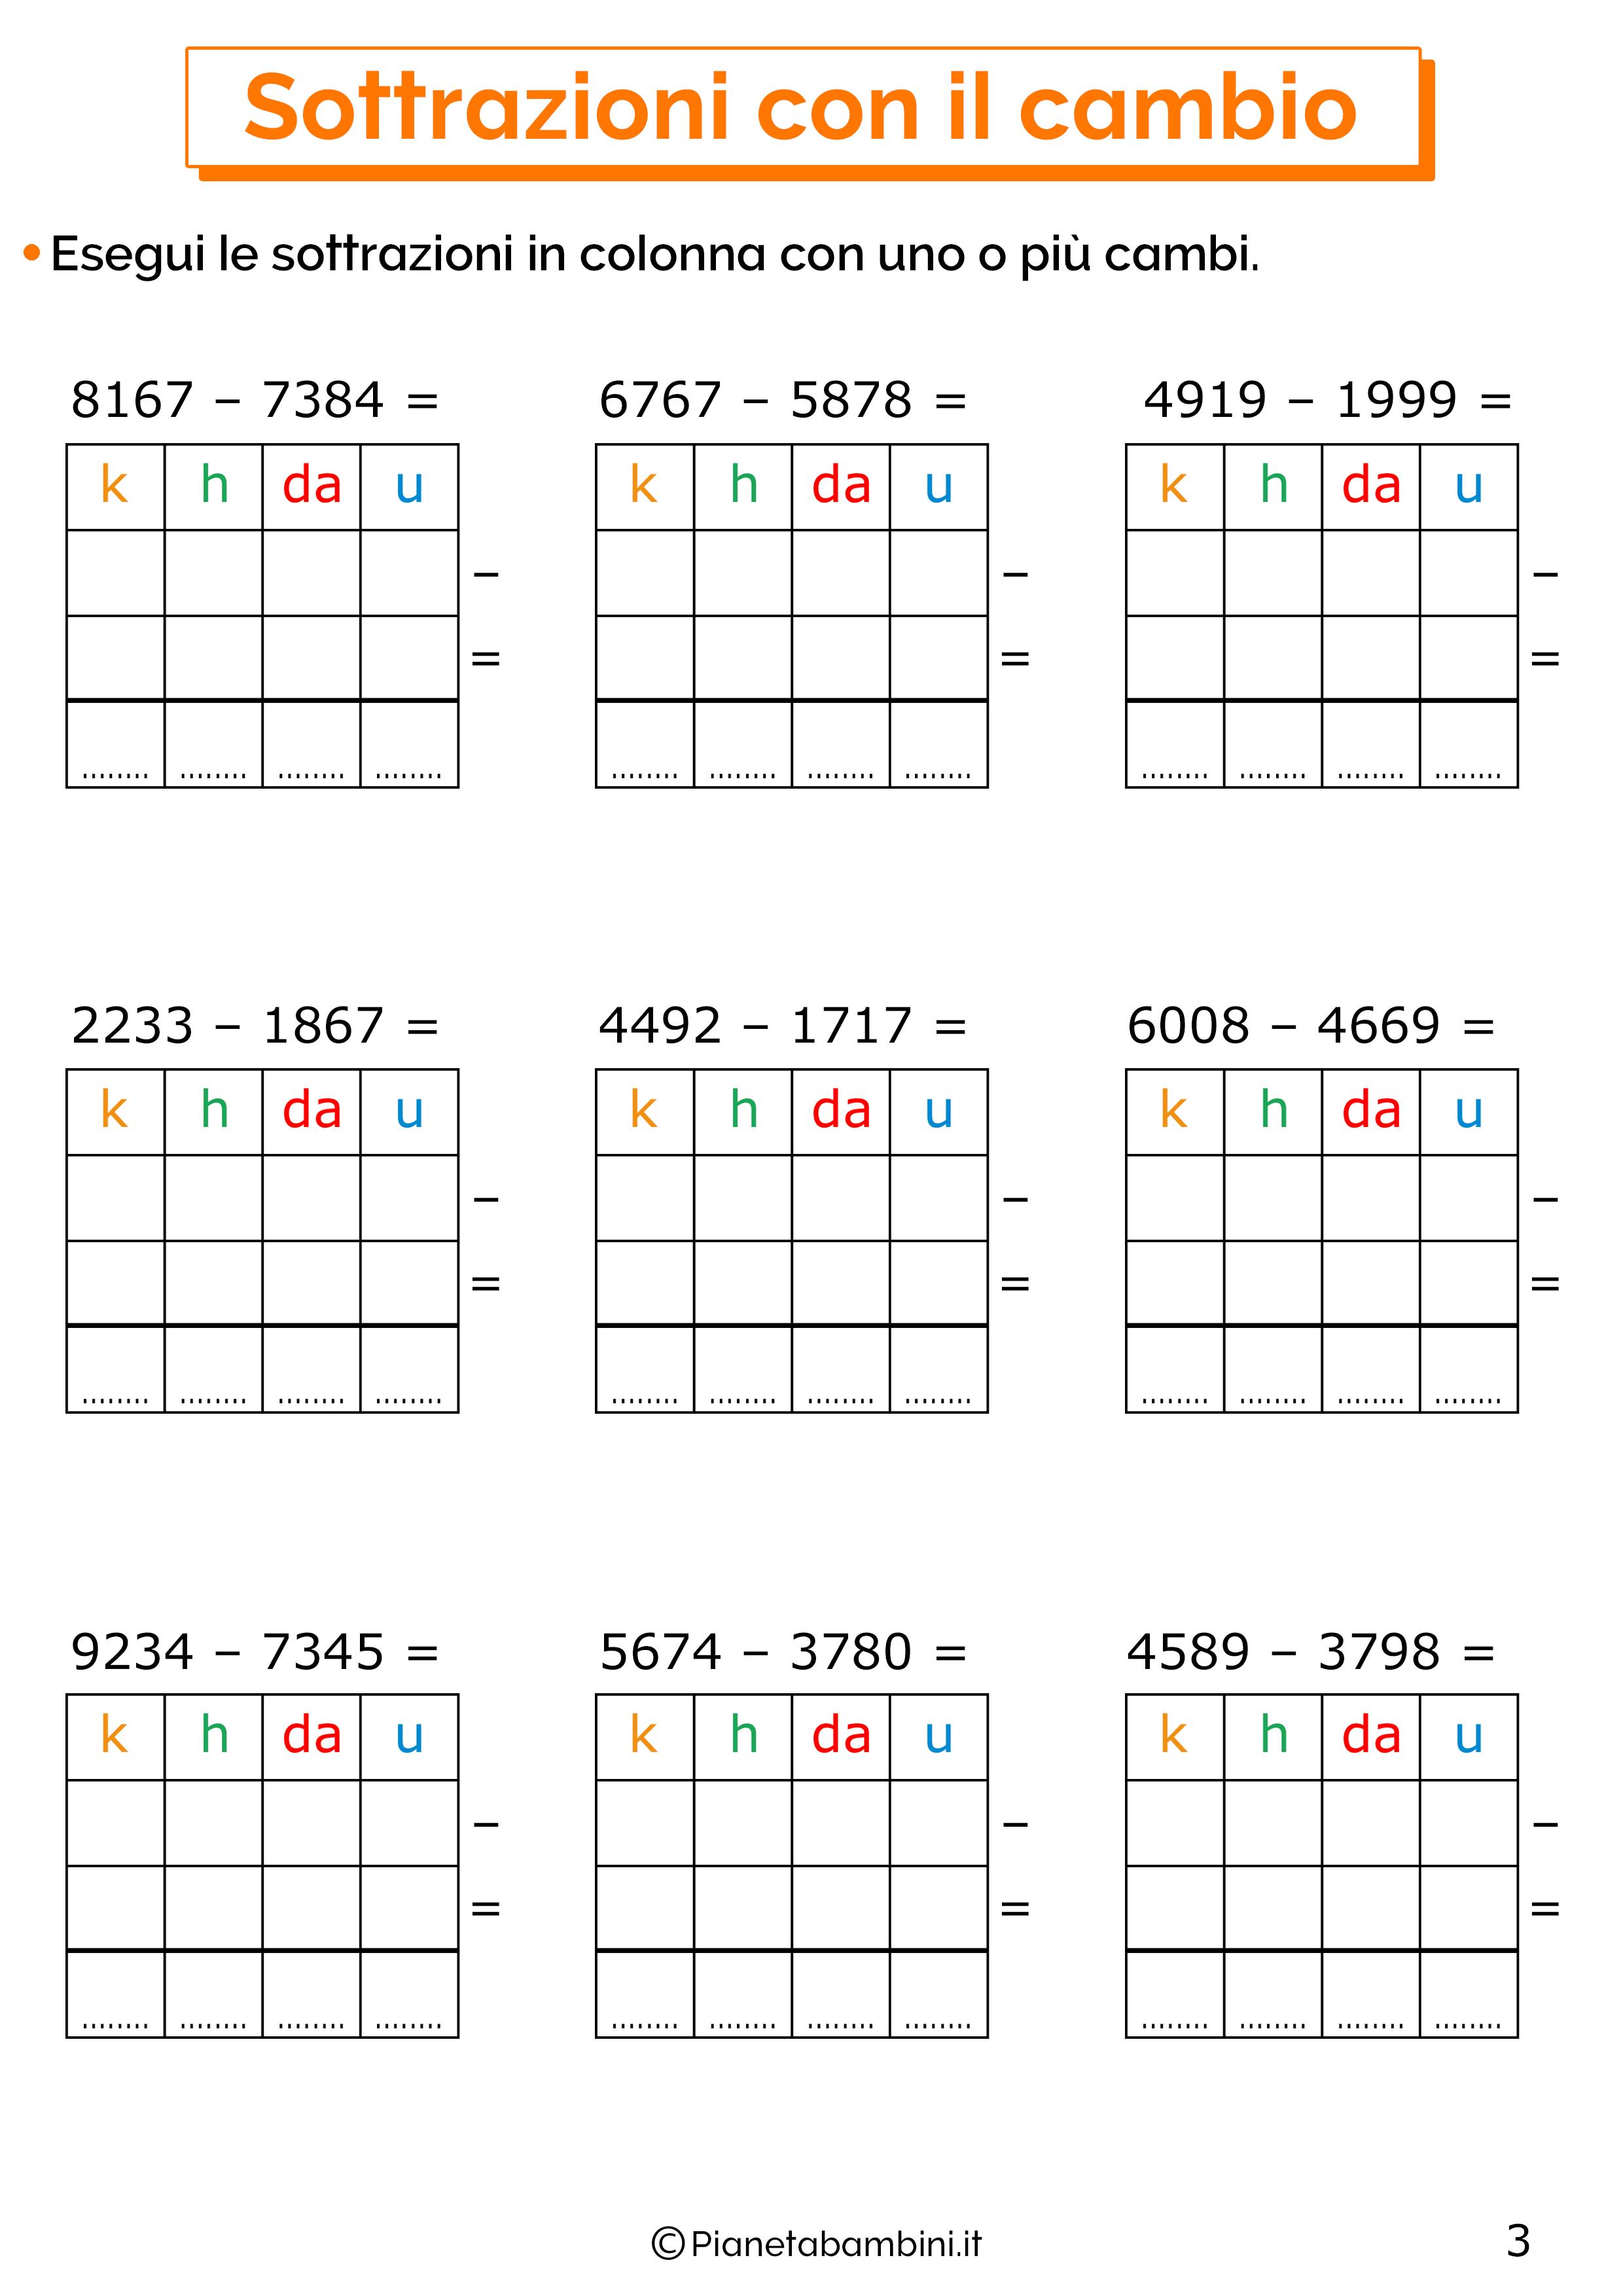 Sottrazioni con cambio a quattro cifre per la classe terza 3